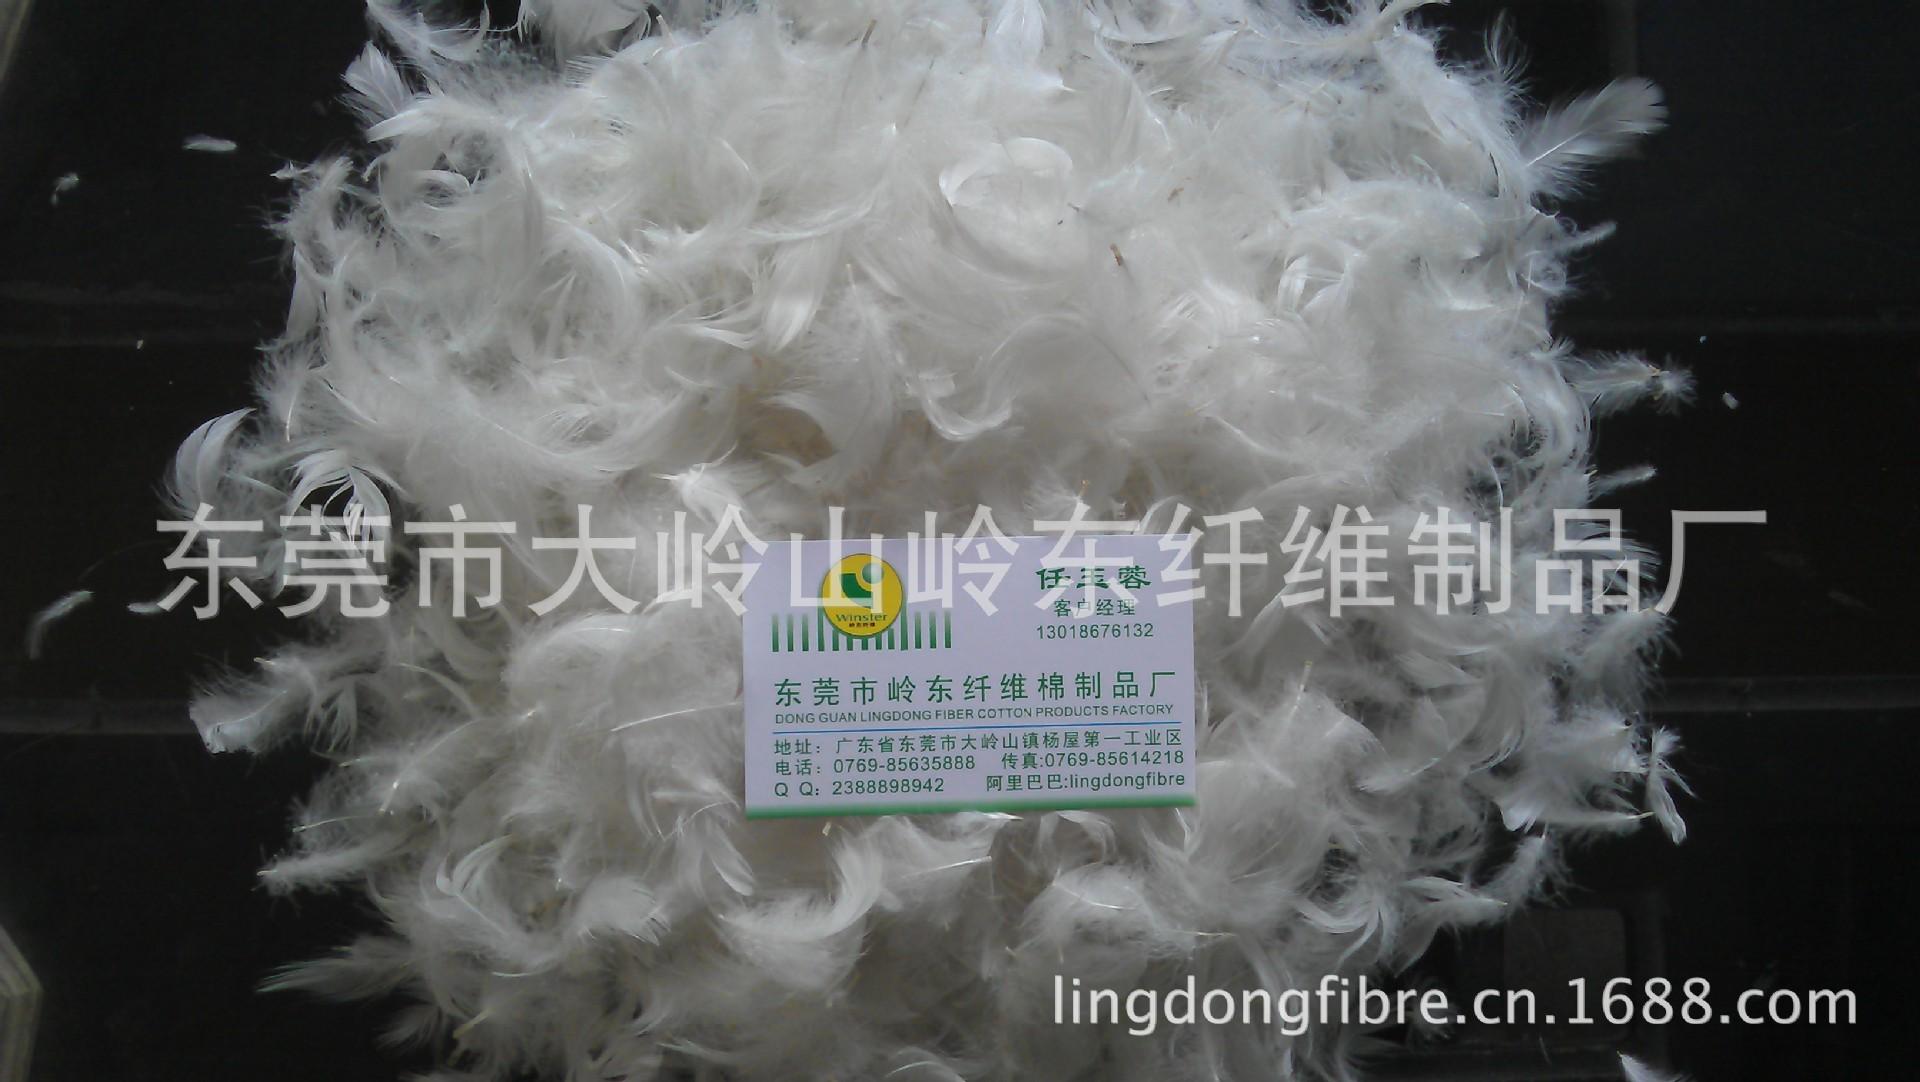 岭东厂家直供 羽绒填充羽绒 鸭绒羽绒 鸭绒批发厂 羽绒沙发